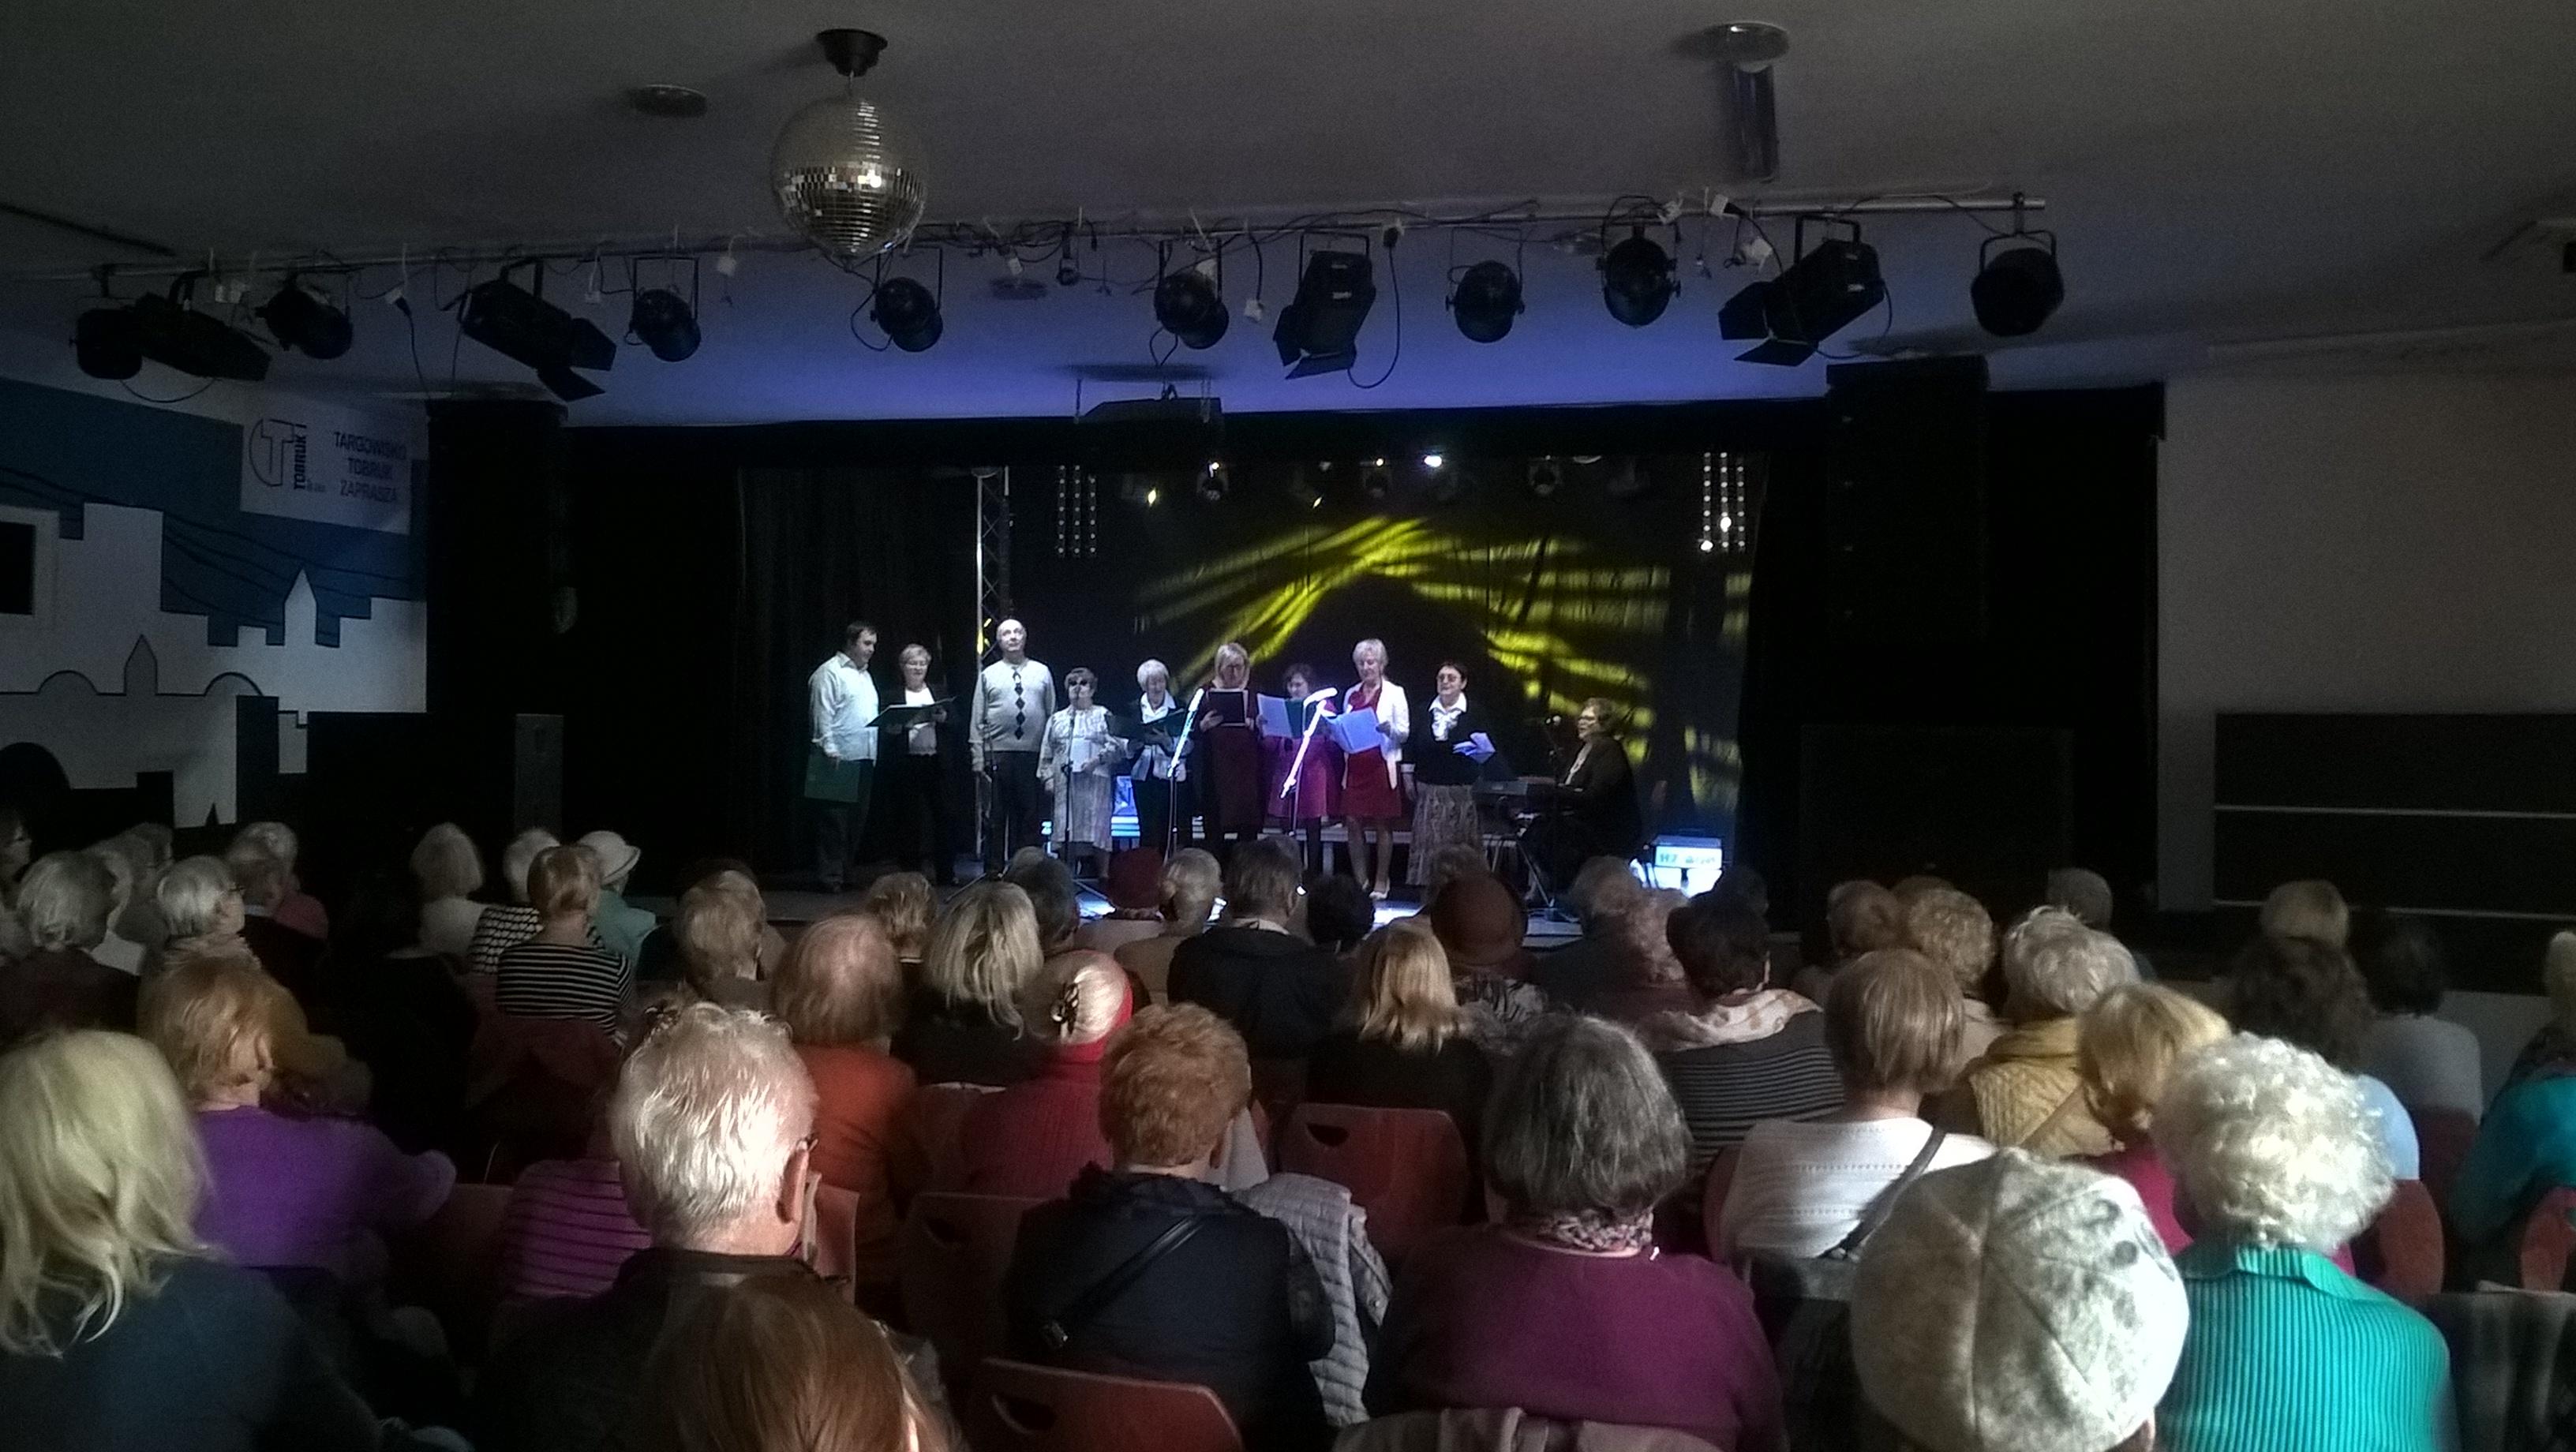 2017.10.10 - na koncercie w DK Słowianin 1